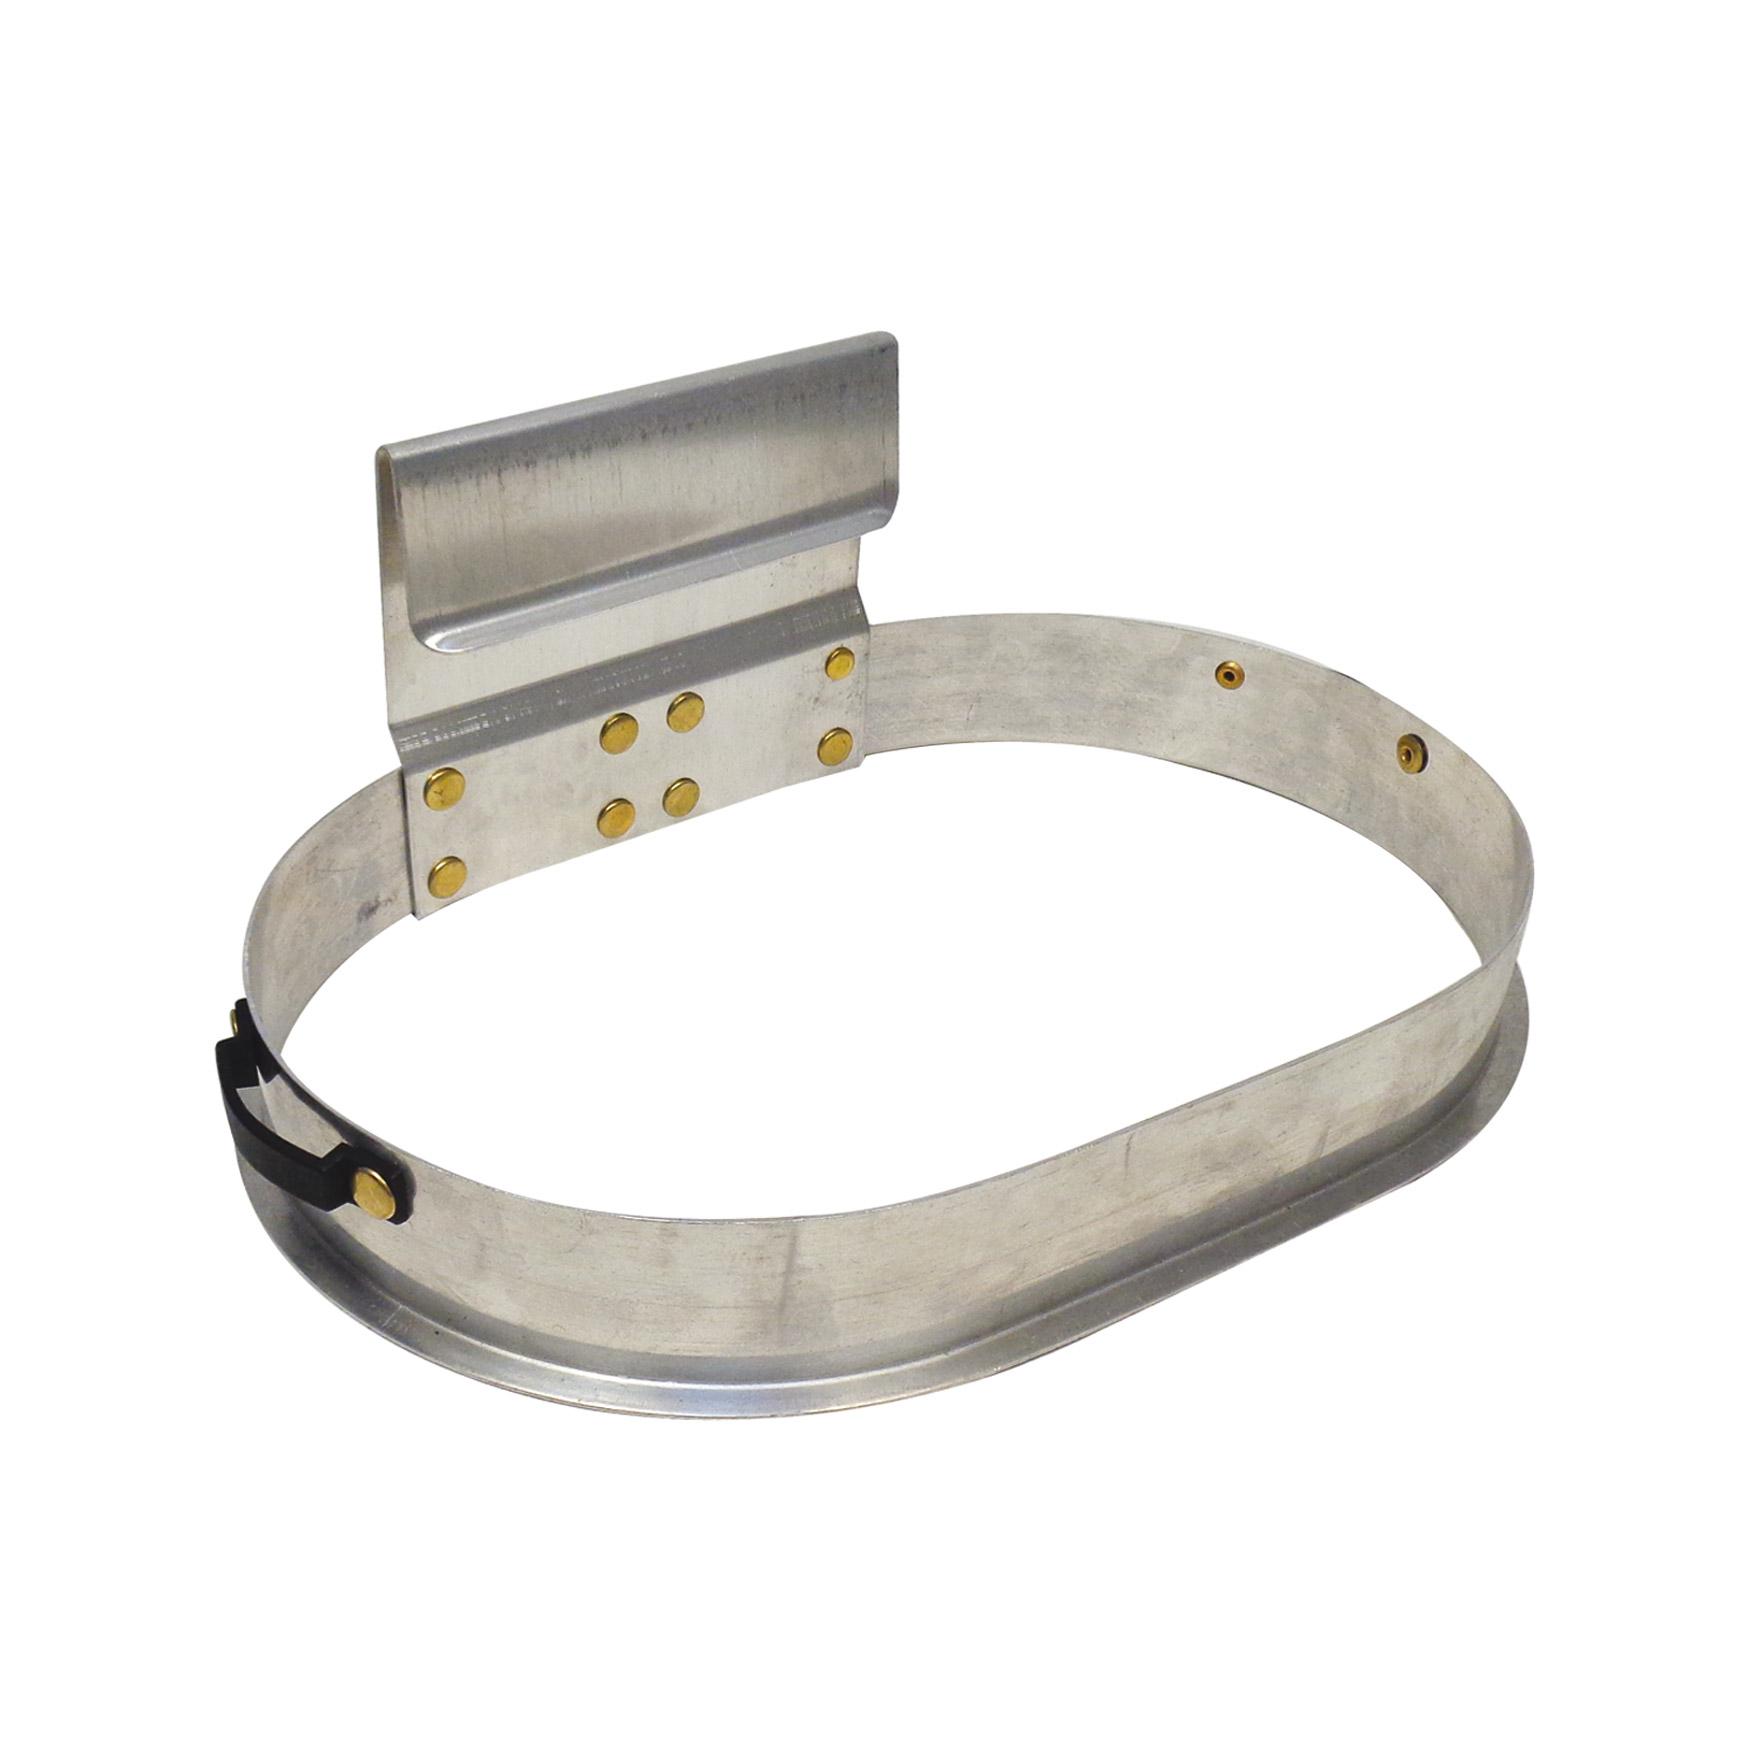 Tendisacco Alluminio Ovale con Asole